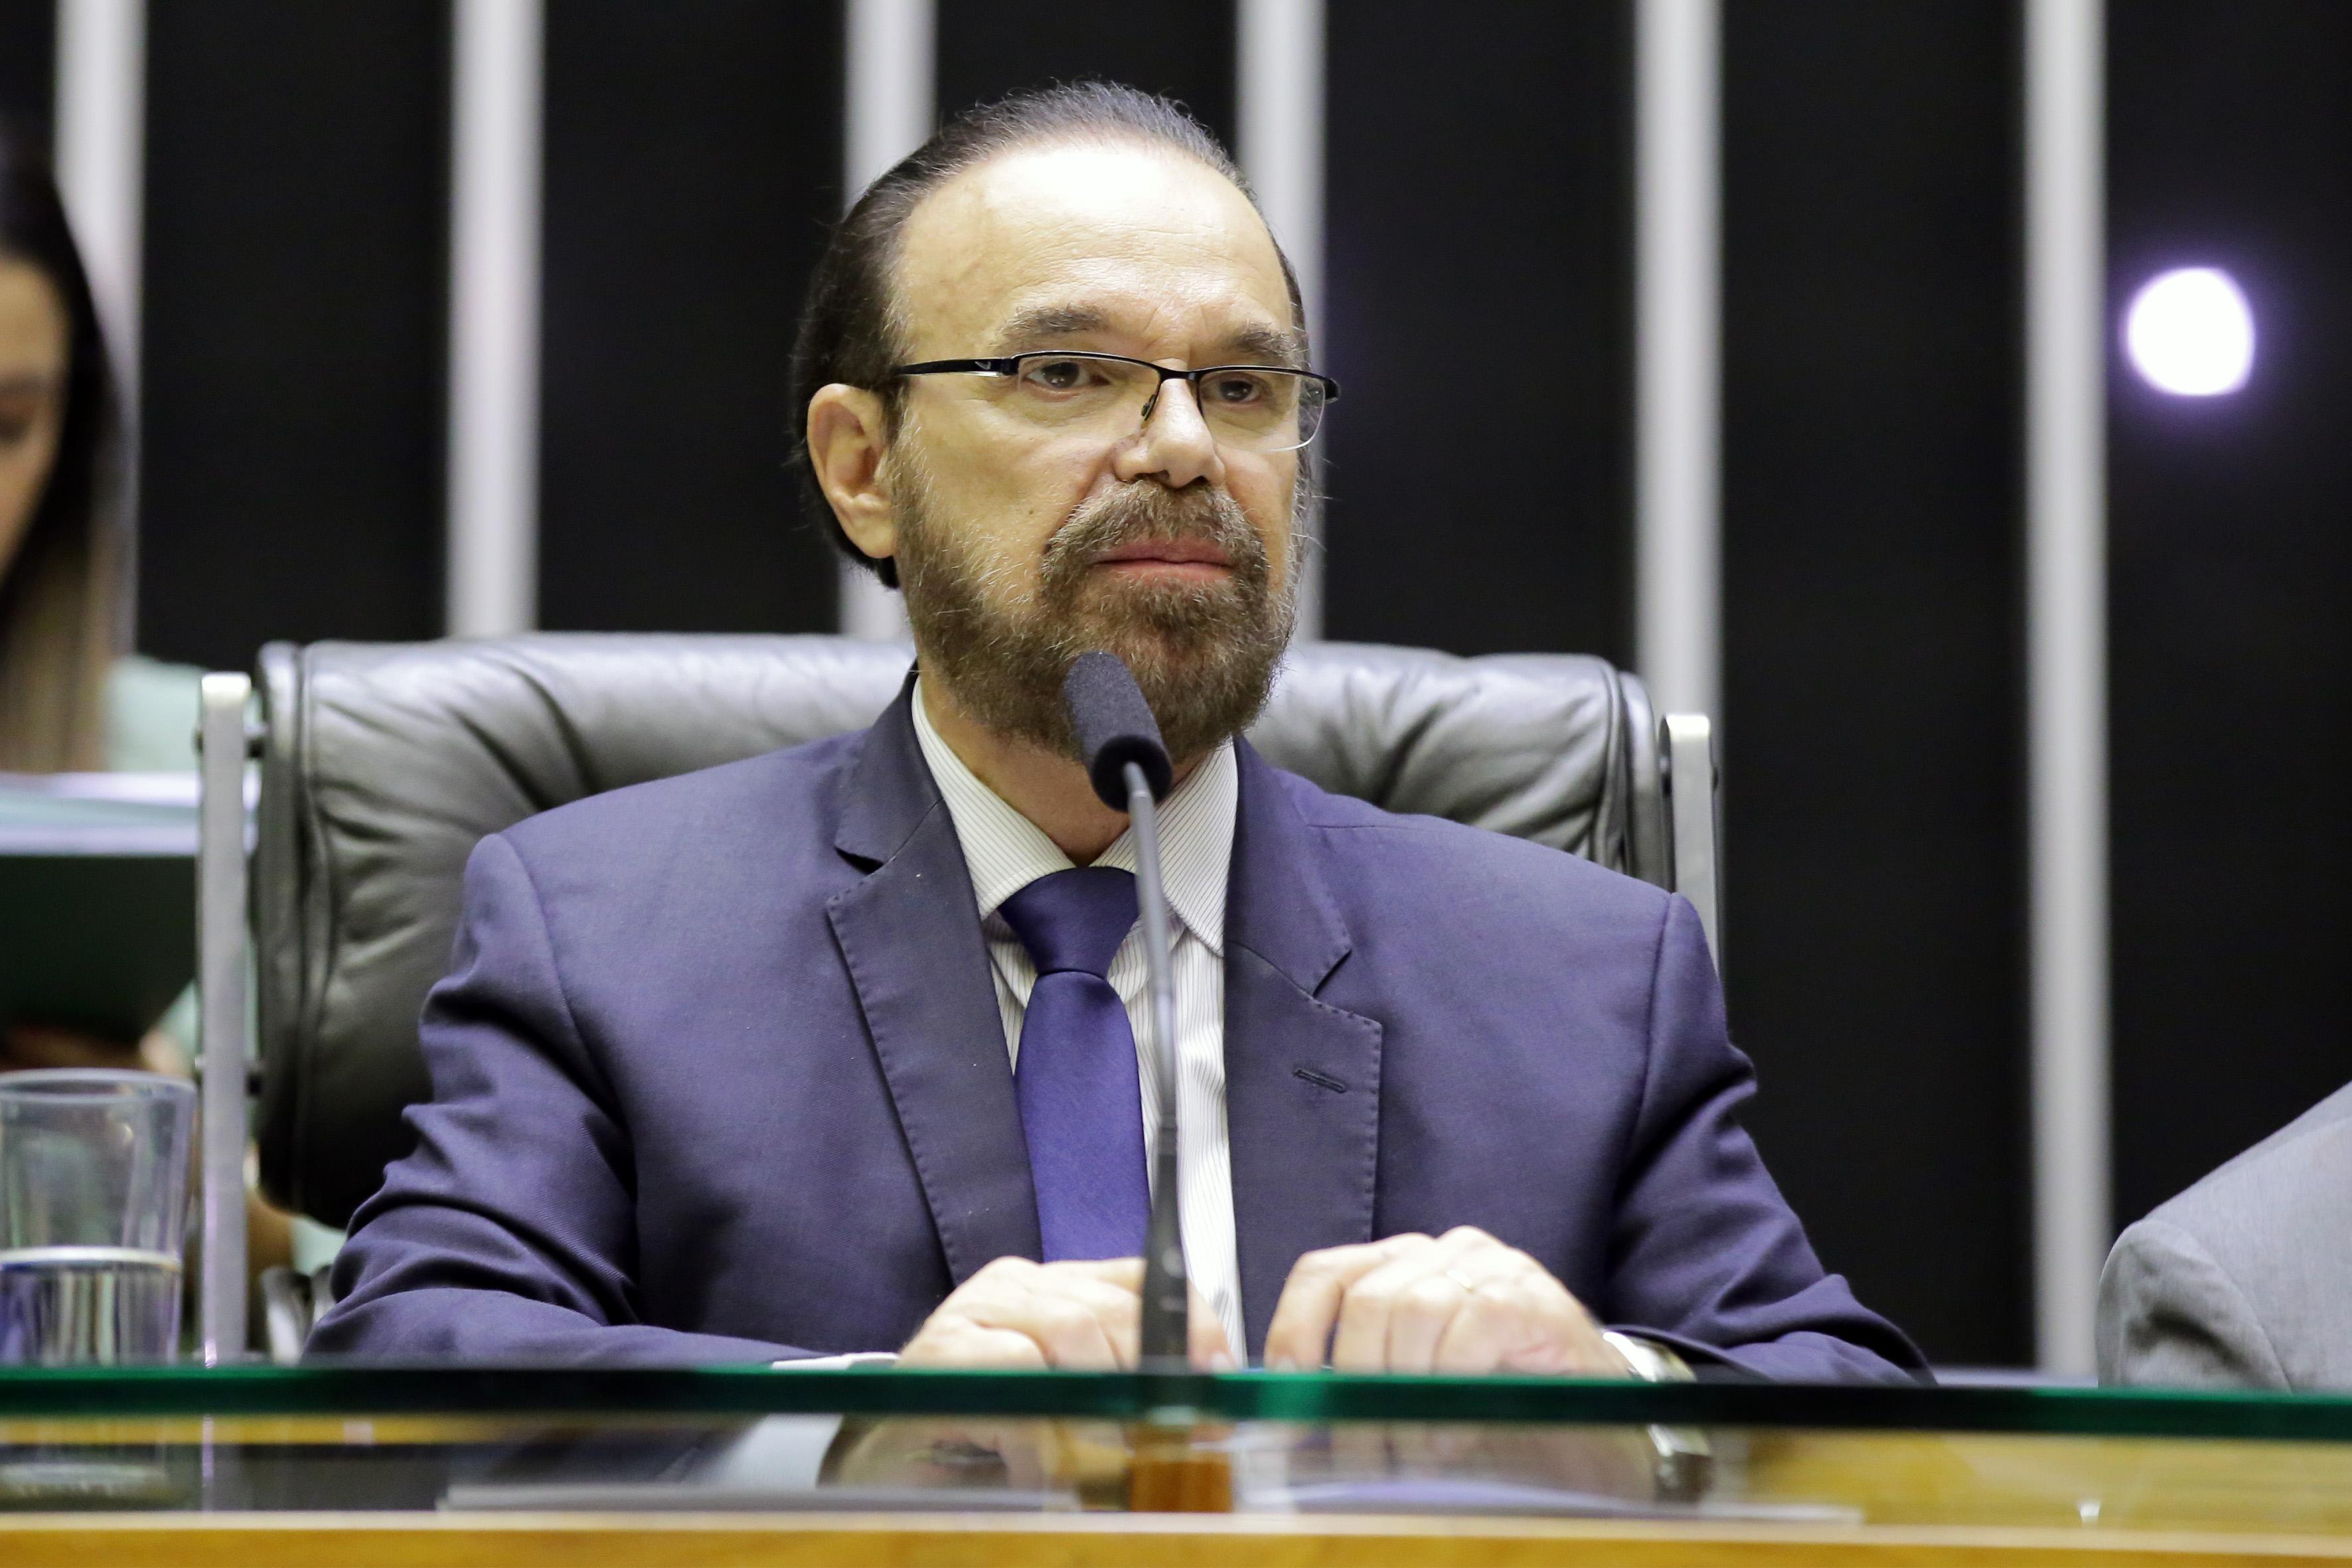 Comissão geral para discutir sobre as circunstâncias e responsabilidades do rompimento da barragem da Mina do Córrego do Feijó, em Brumadinho, MG. Dep. Lincoln Portela (PR - MG)